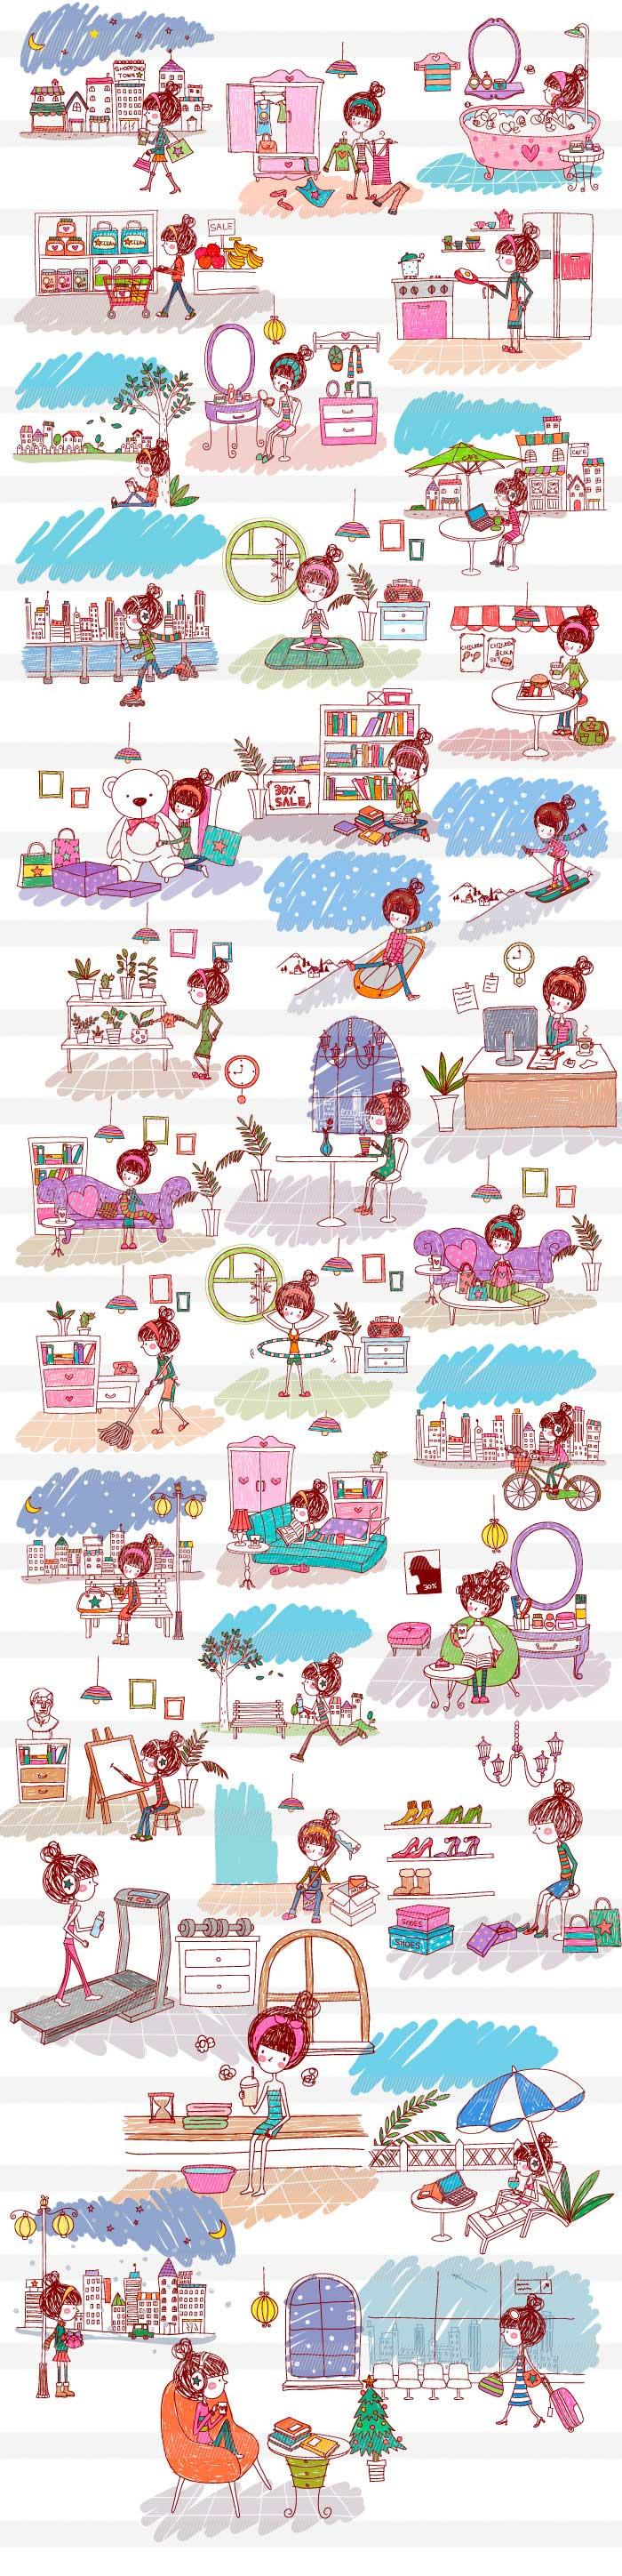 女の子の日常生活|イラストレーター素材(ai・eps・商用可能)